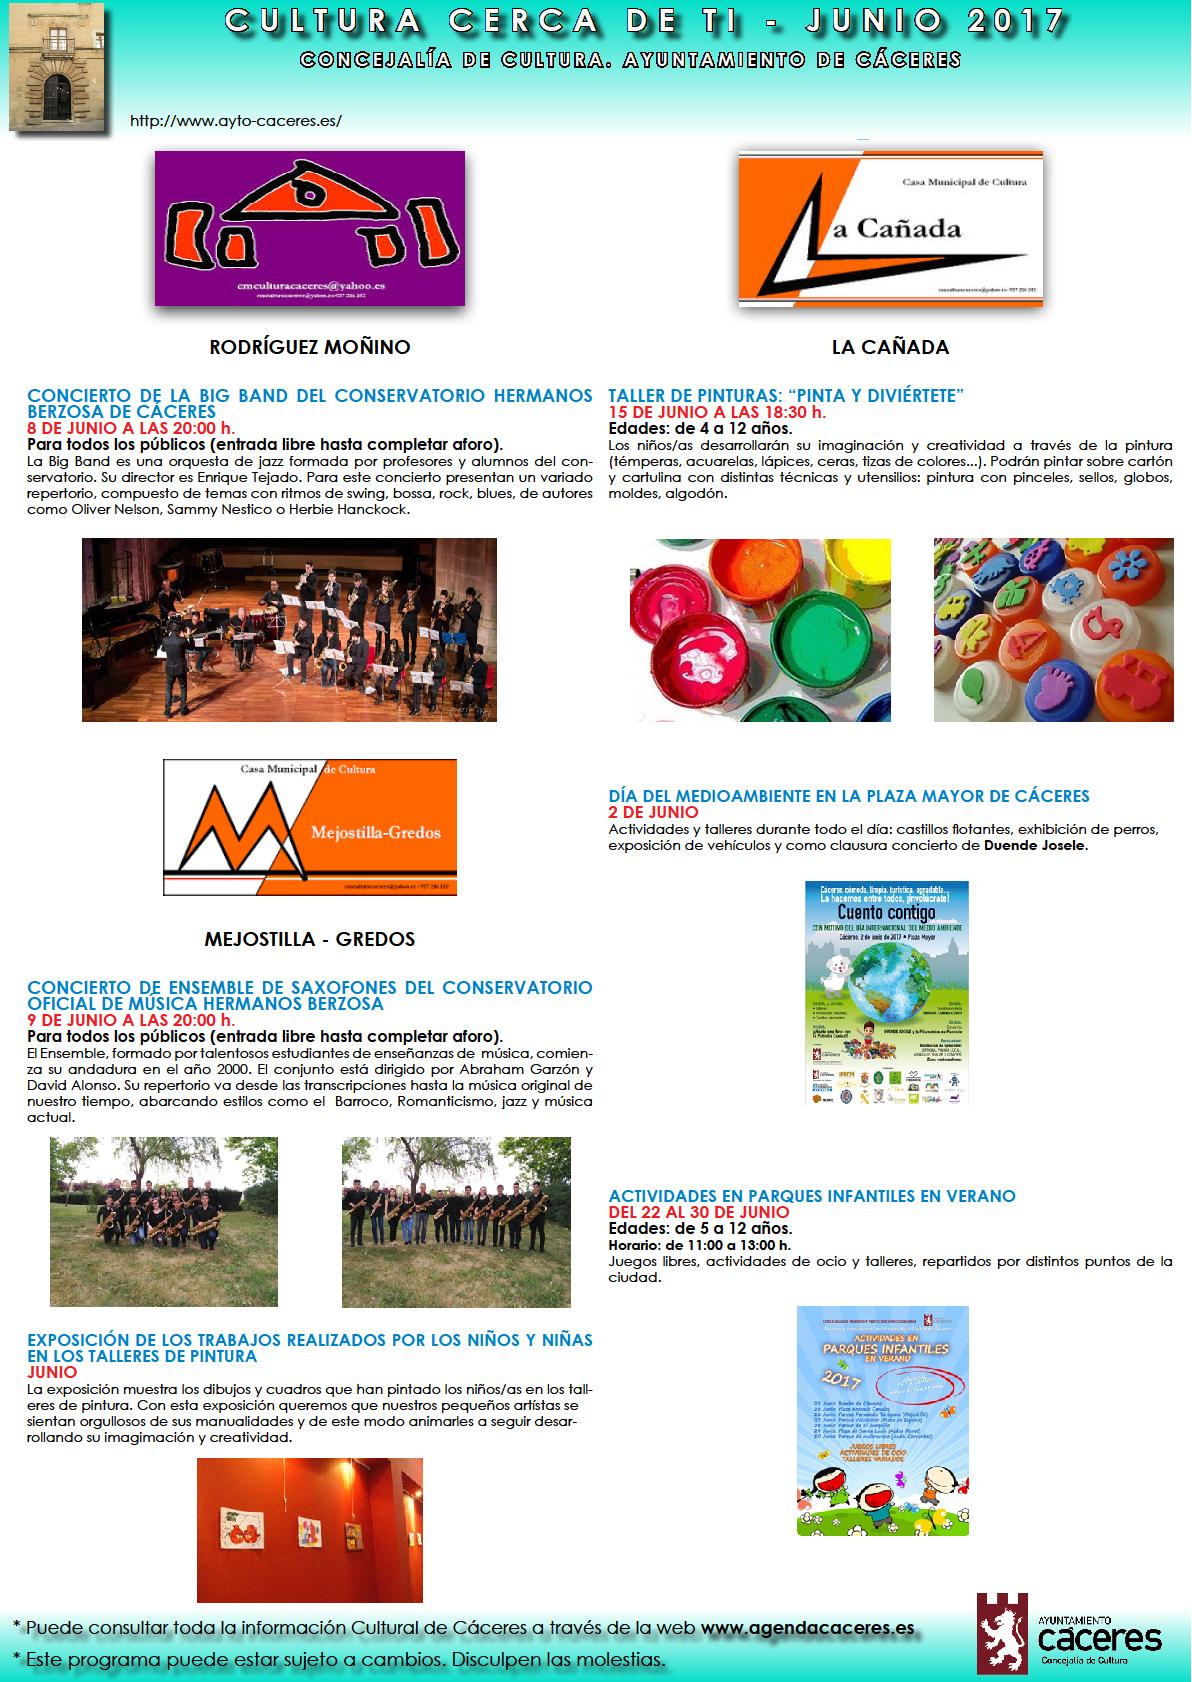 Talleres infantiles, actuación de teatro y exposiciones